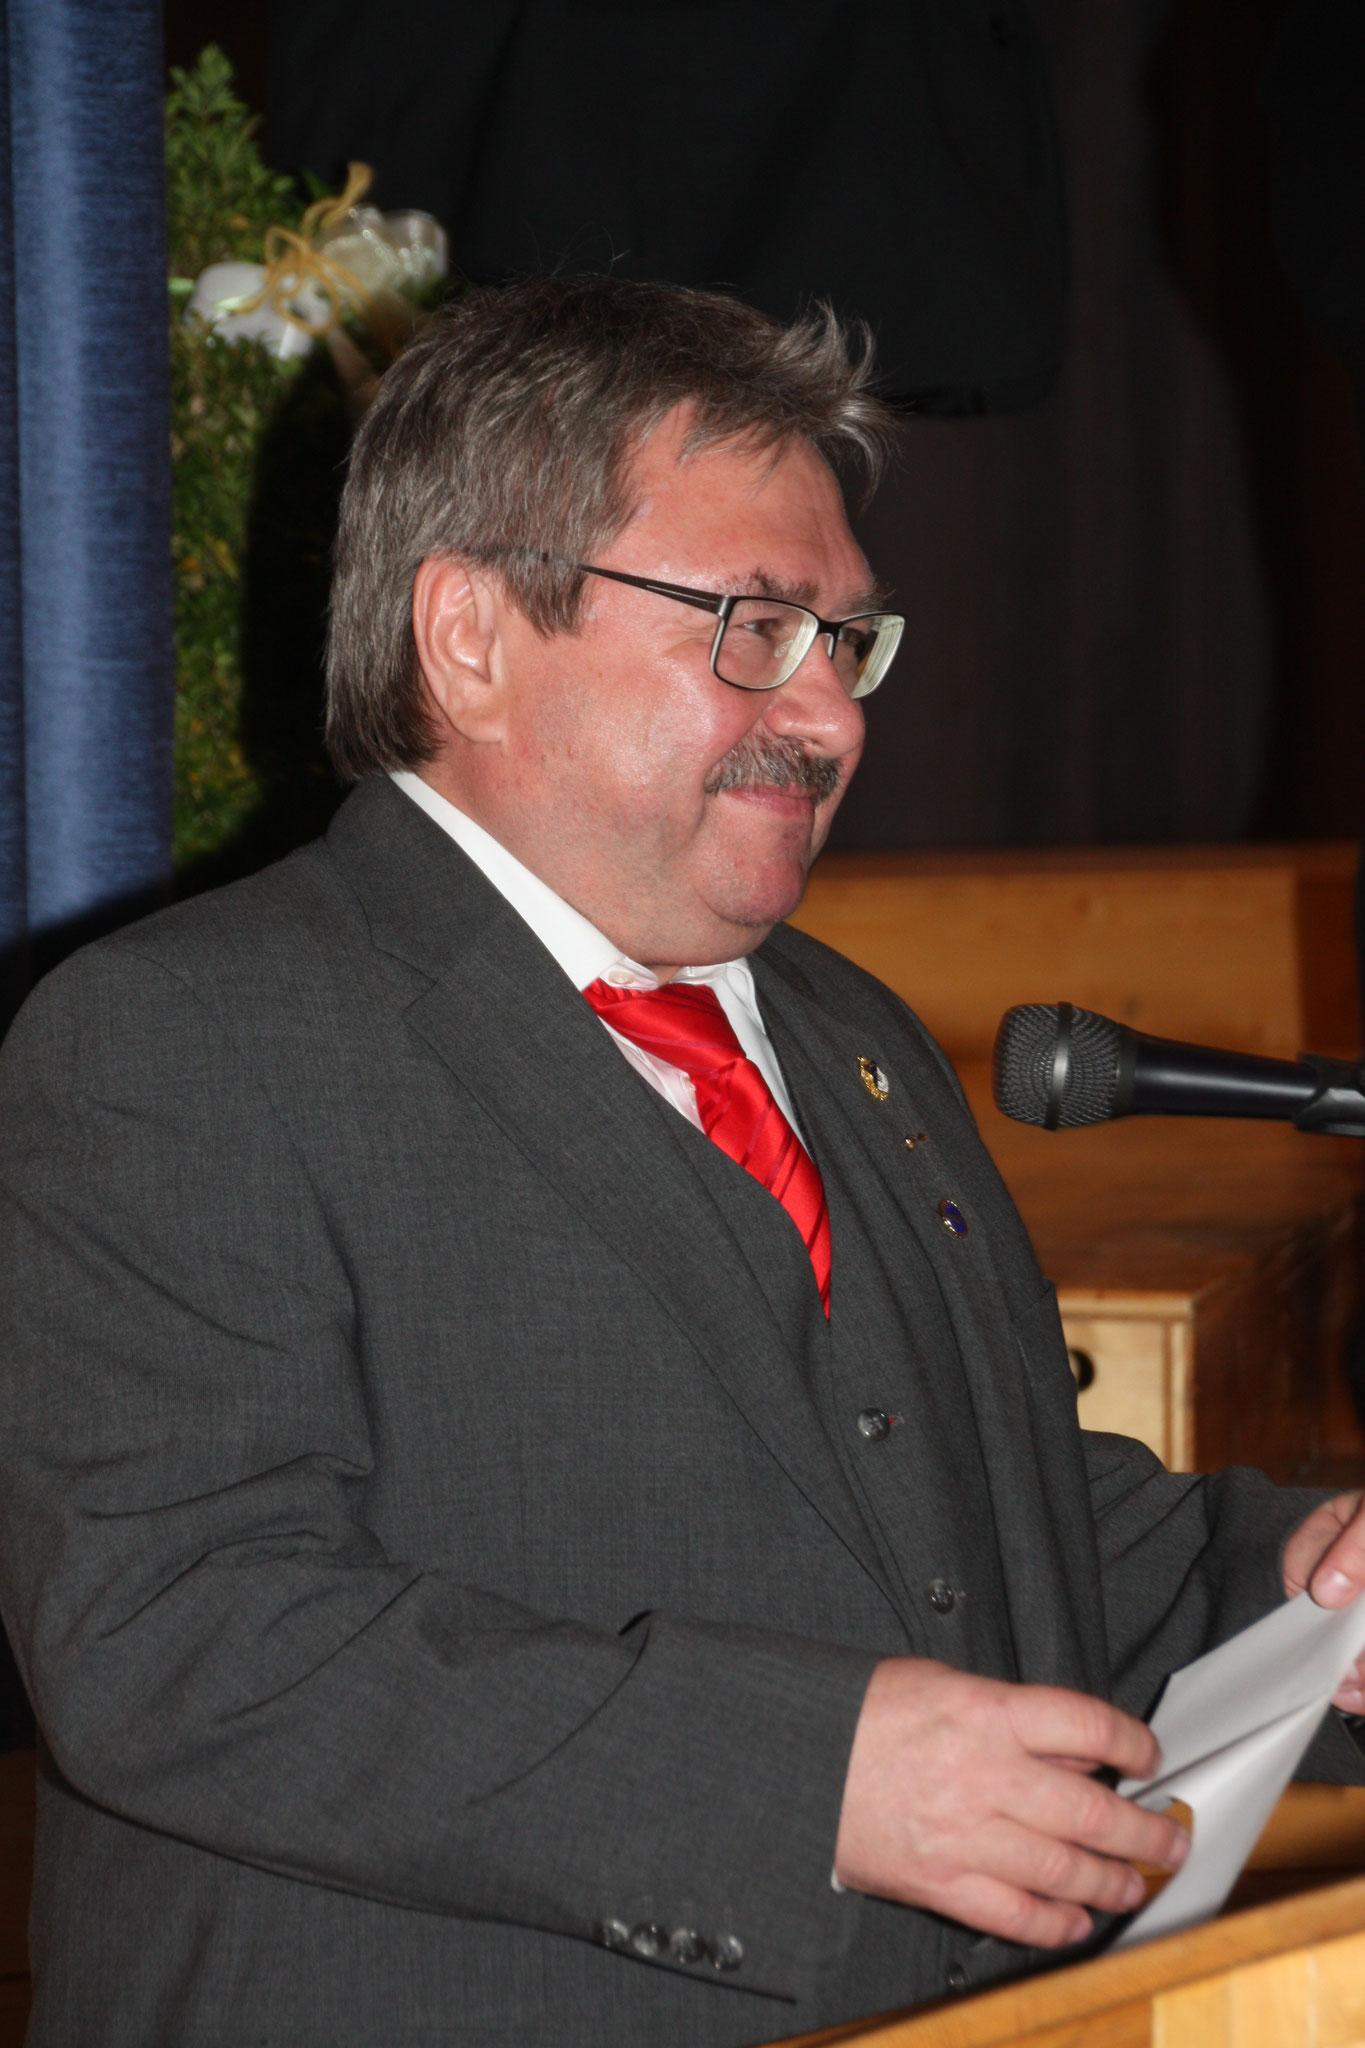 Werner Metke